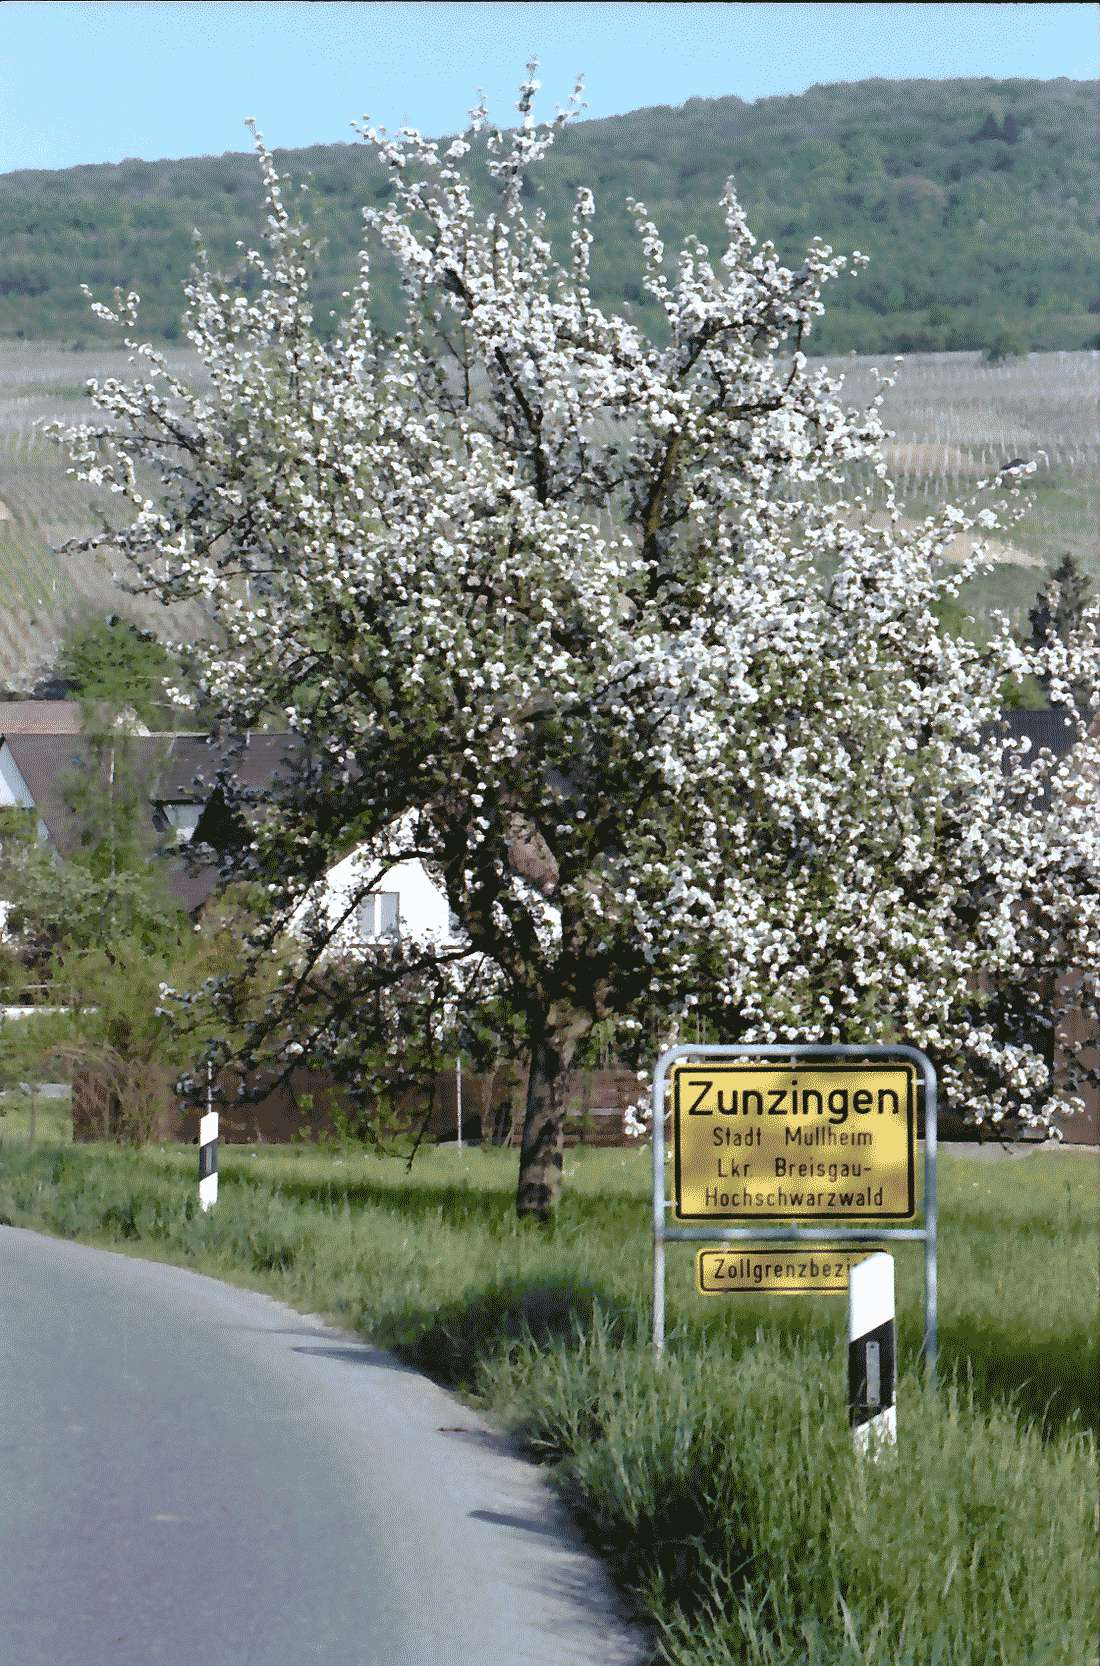 Zunzingen: Straße mit Ortsschild, Bild 2